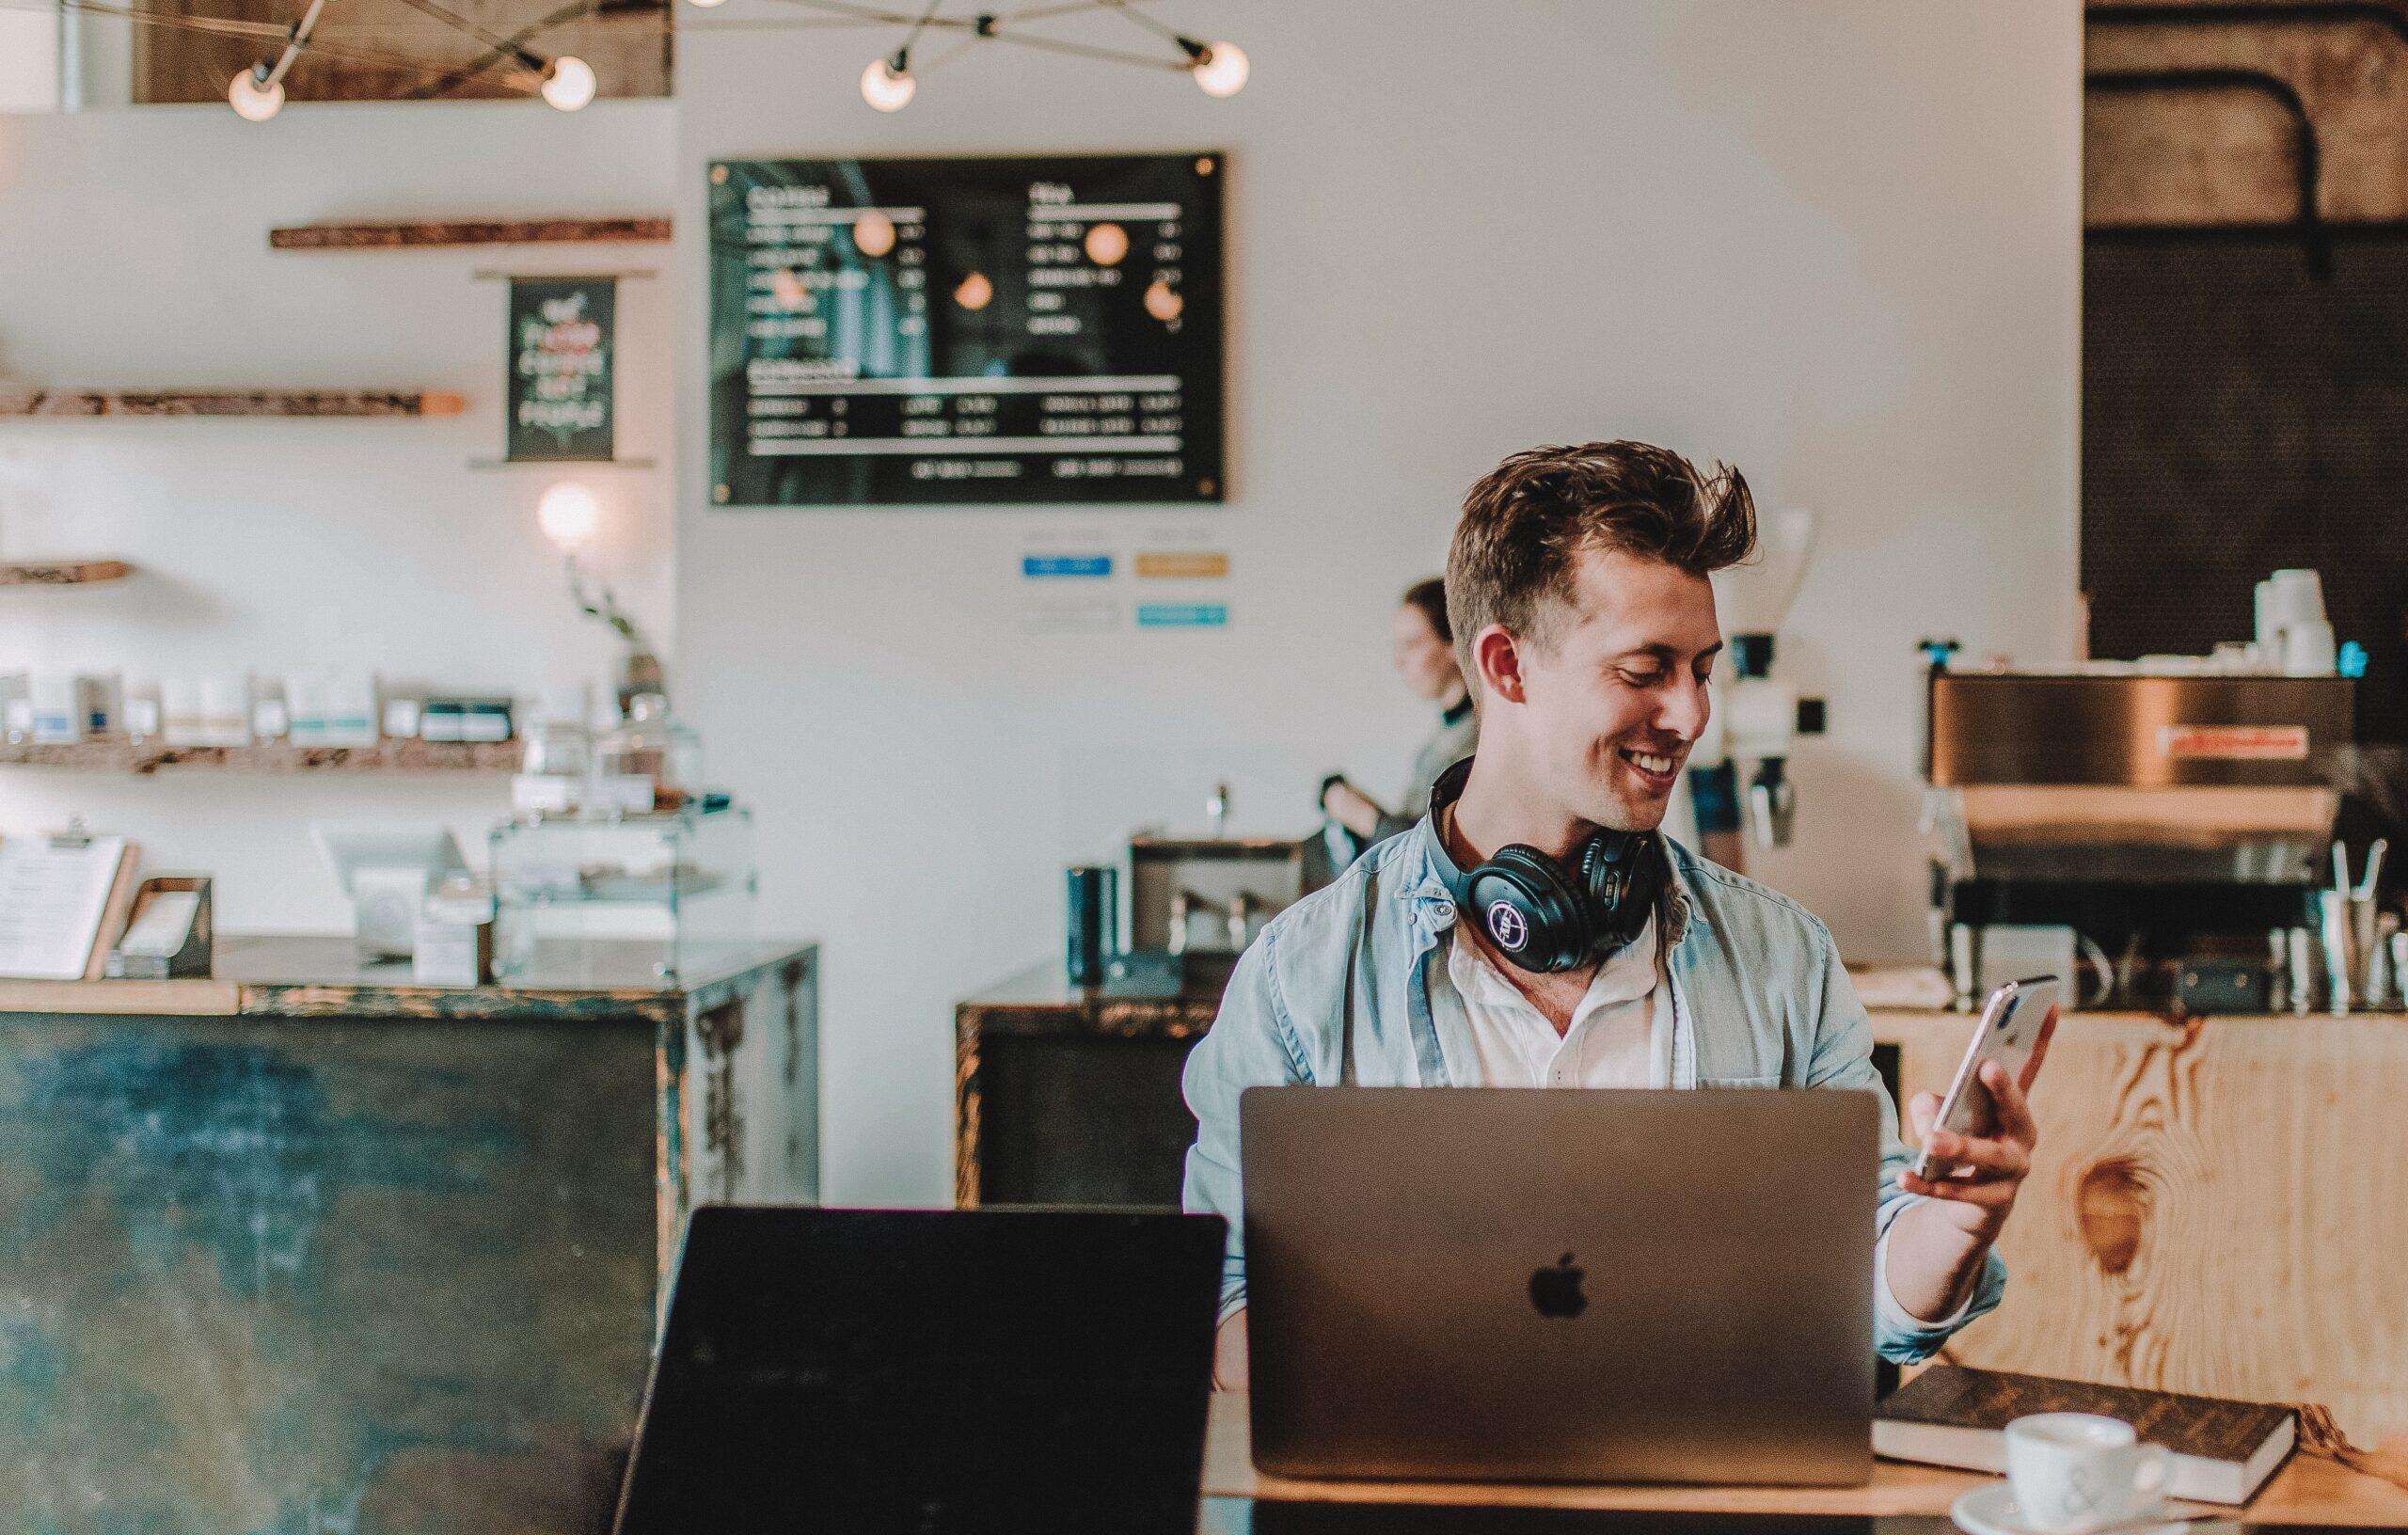 Lavorare in smart working d'estate: gli indispensabili per sopravvivere thumbnail